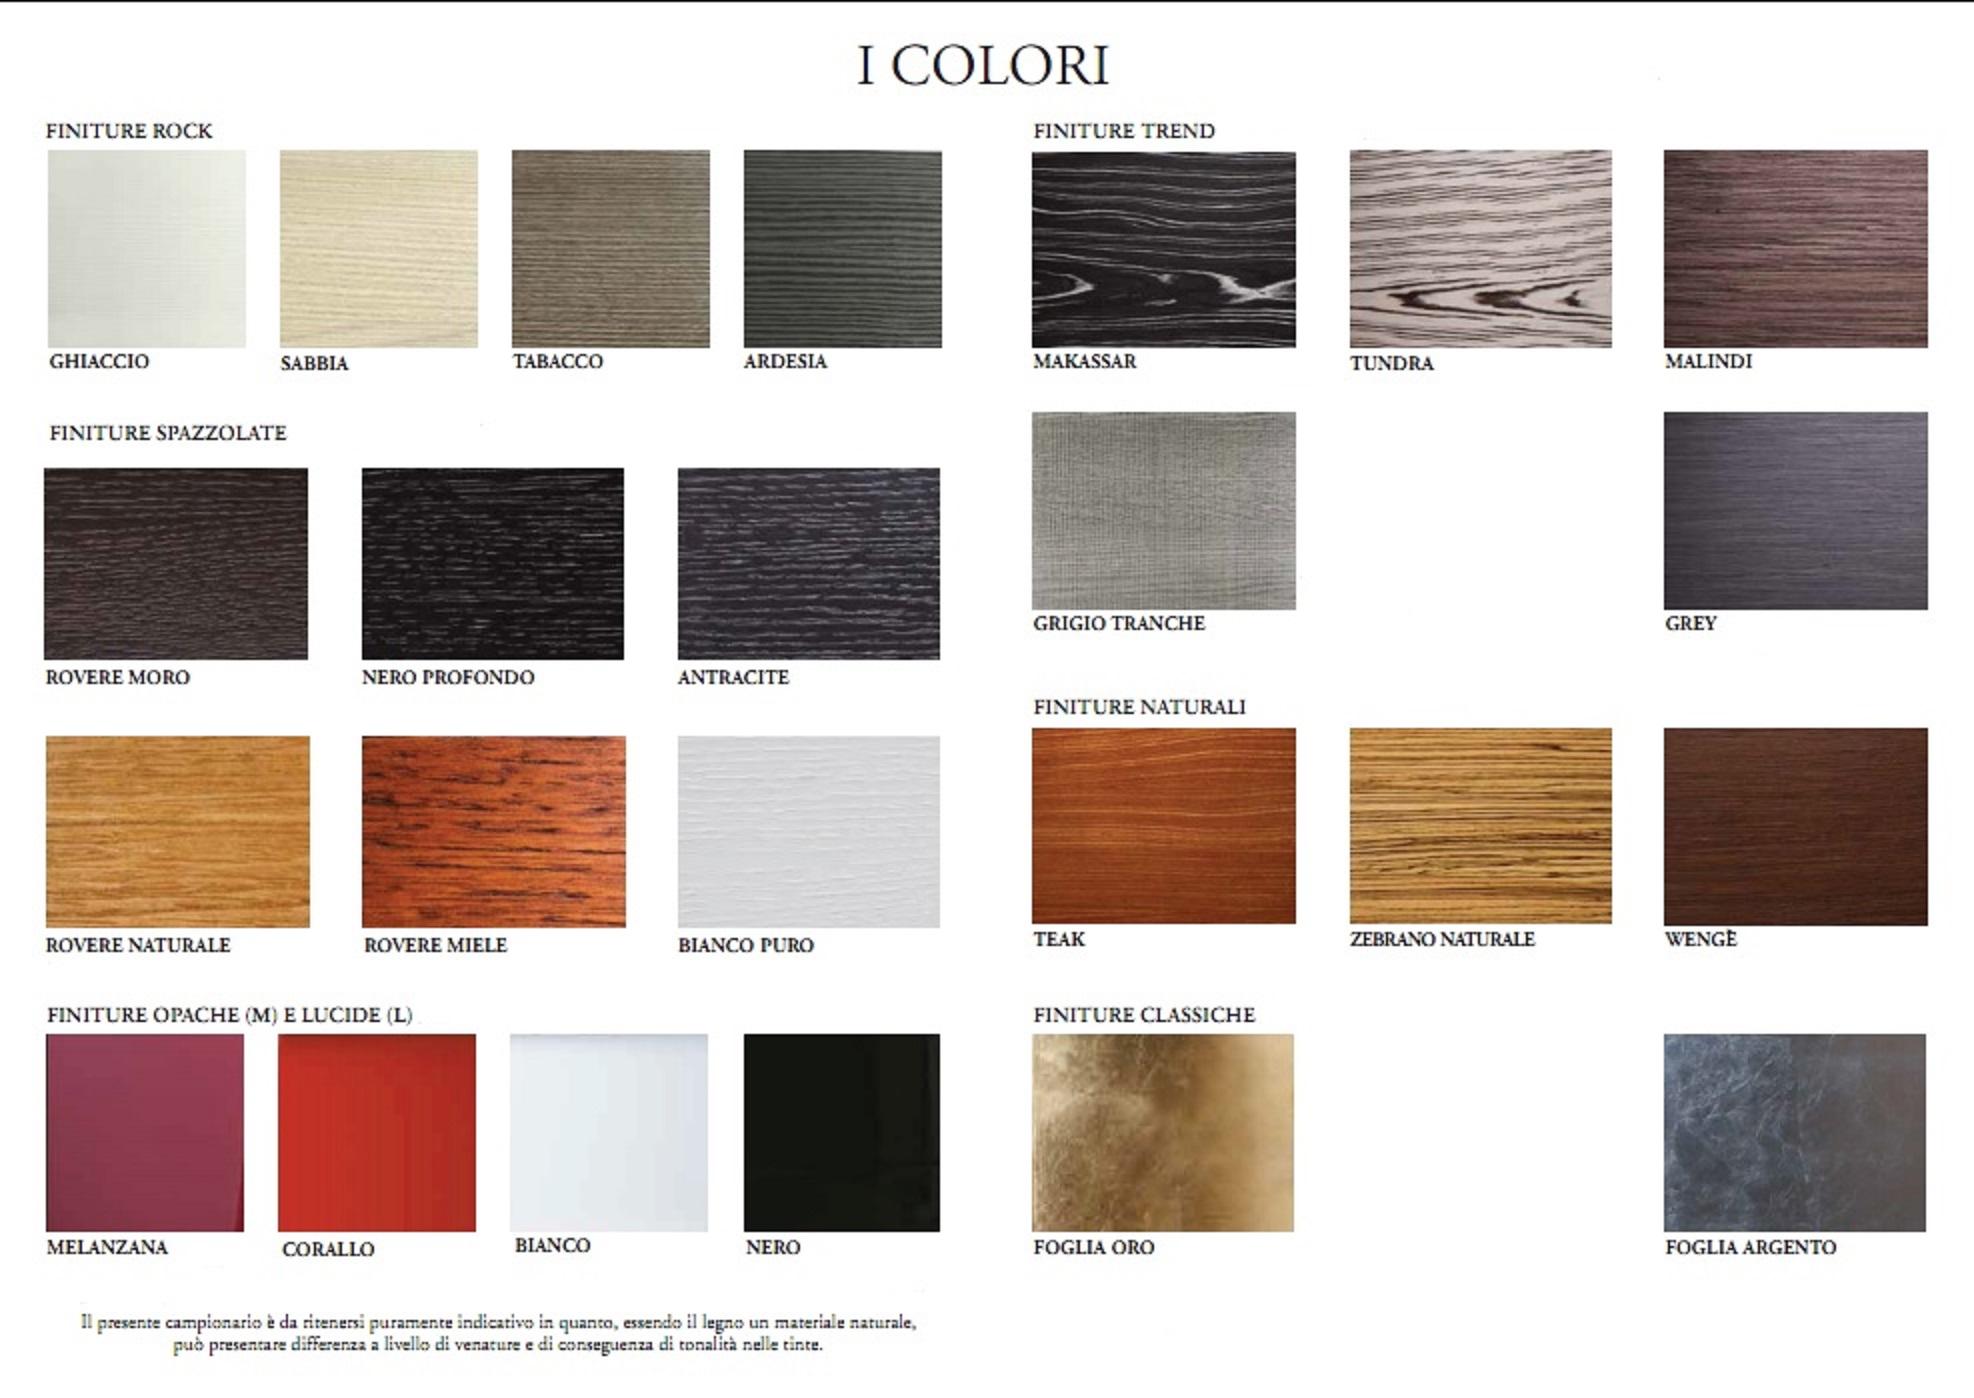 Piano mensola per lavabo d 39 appoggio in legno in vari colori mf - Colori mobili legno ...